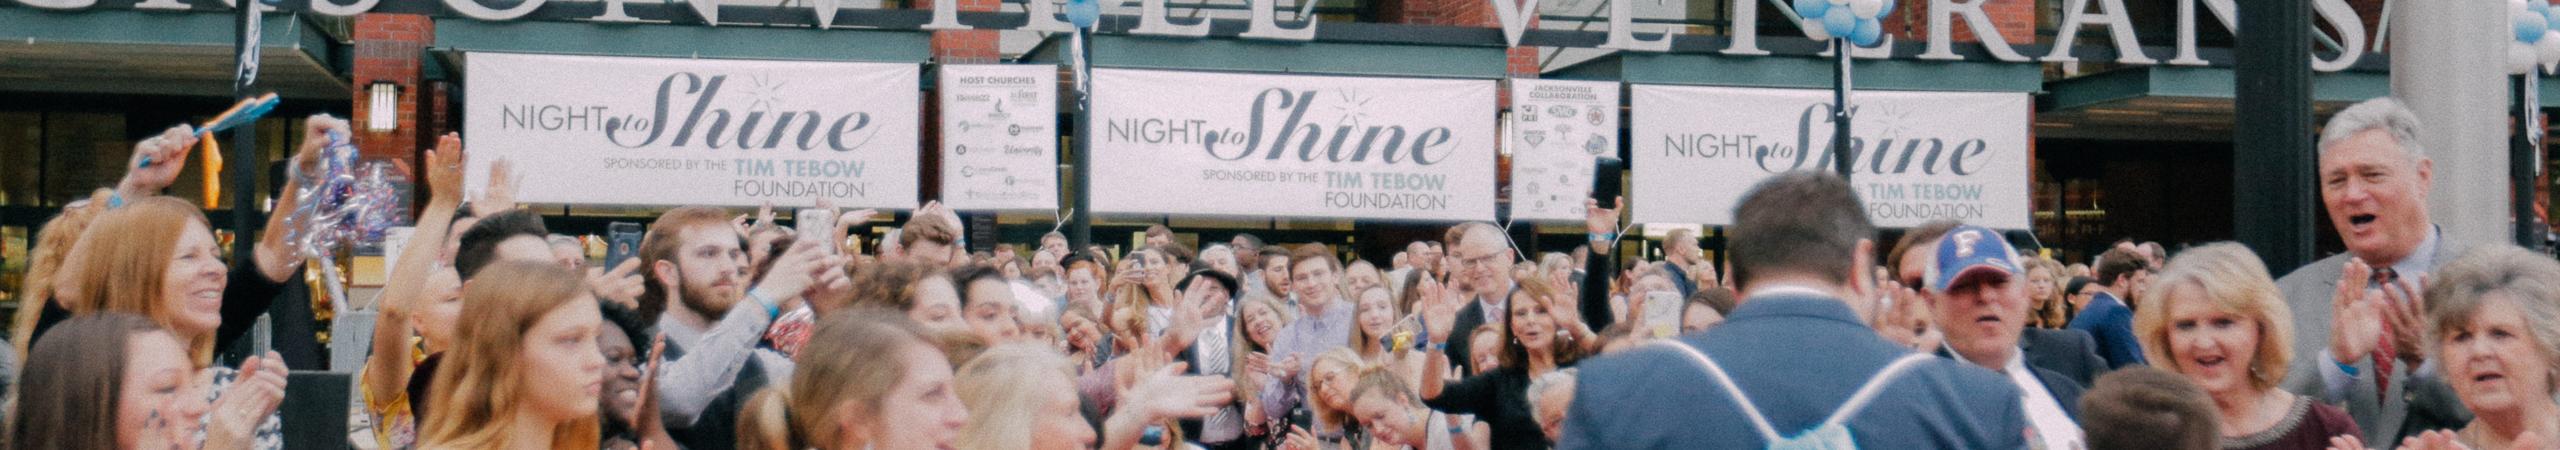 Night to Shine 2019